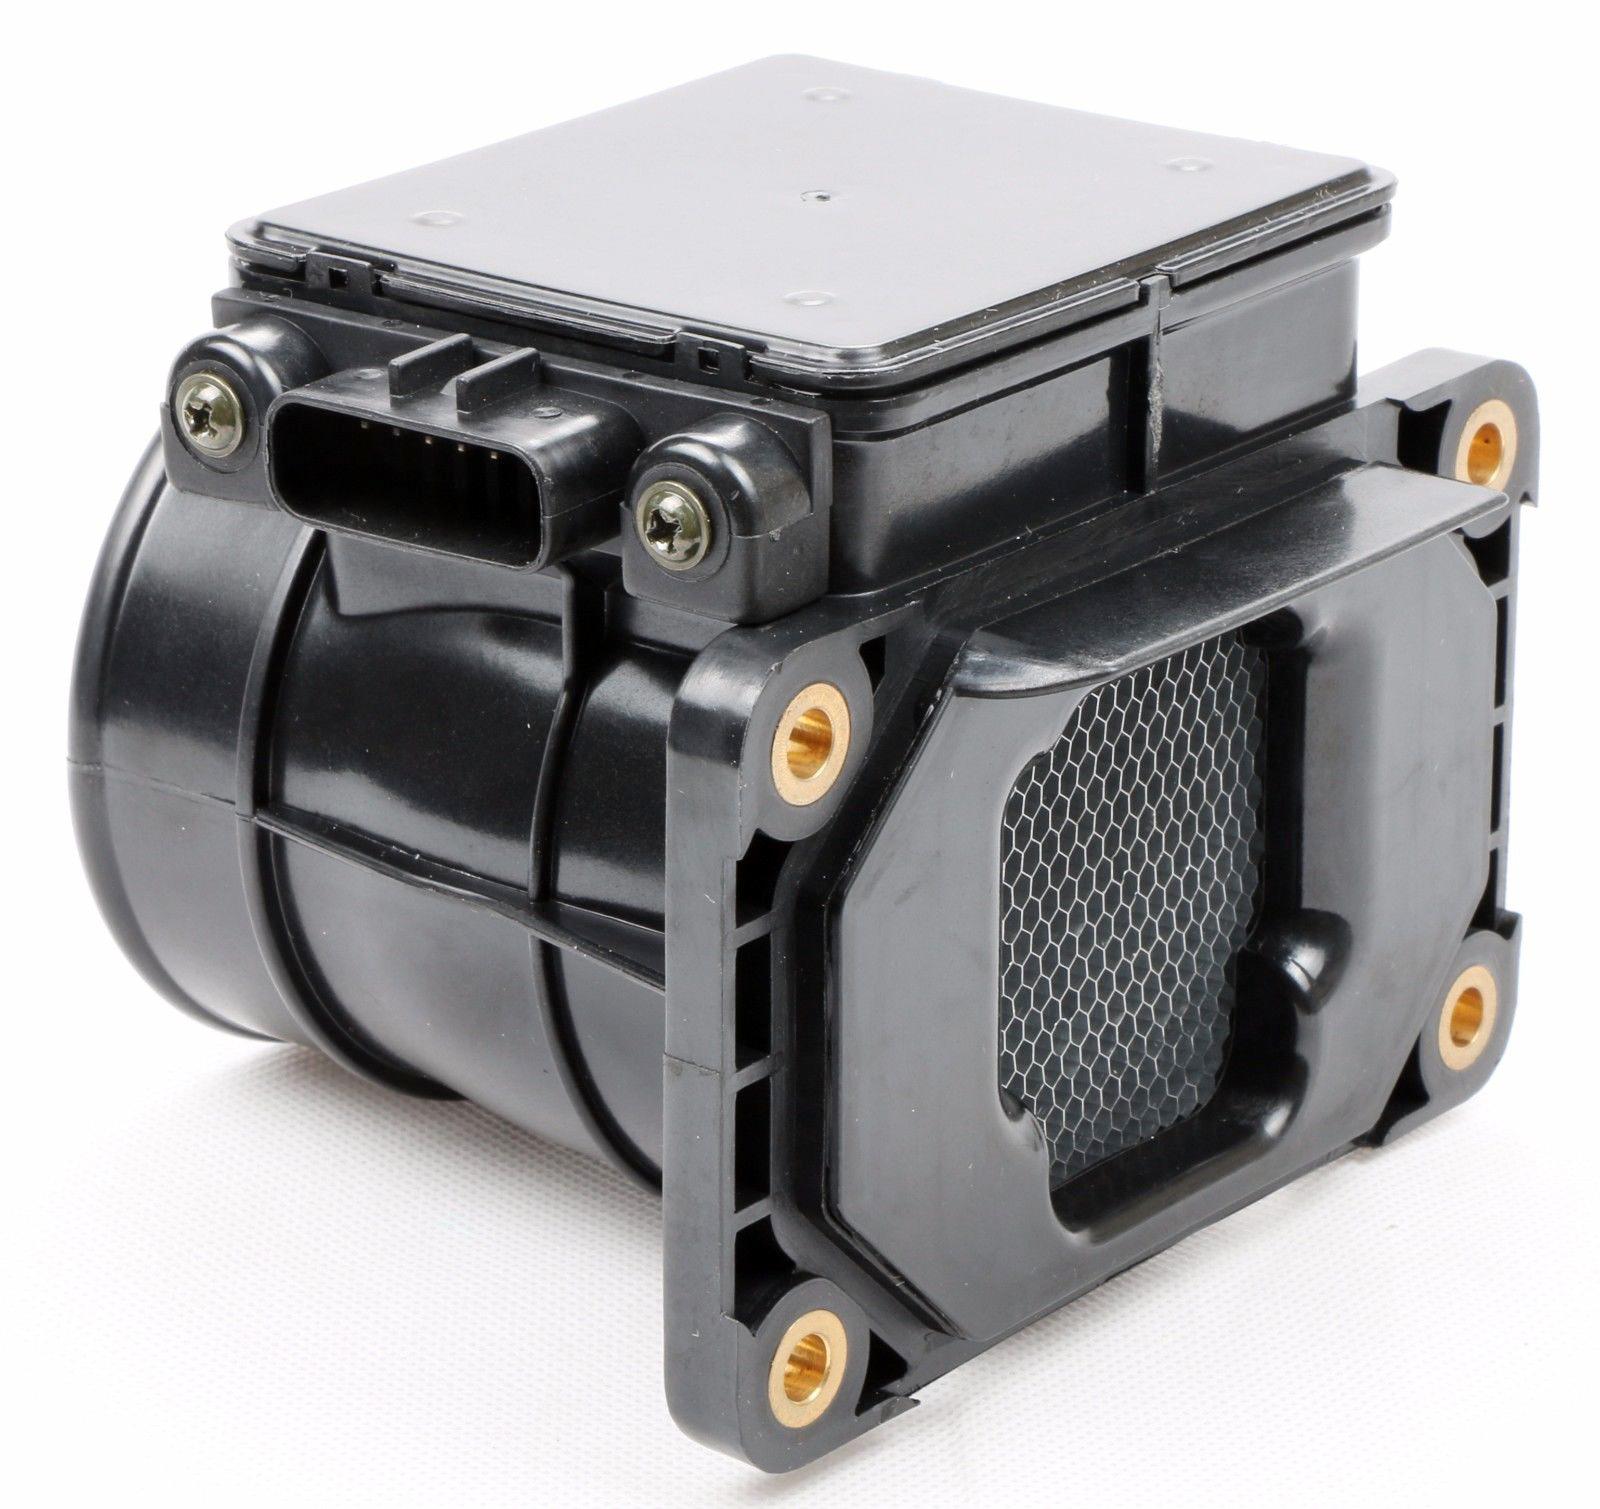 MAF Meter for 2001-2005 Dodge Stratus 2.4L Mass Air Flow Sensor